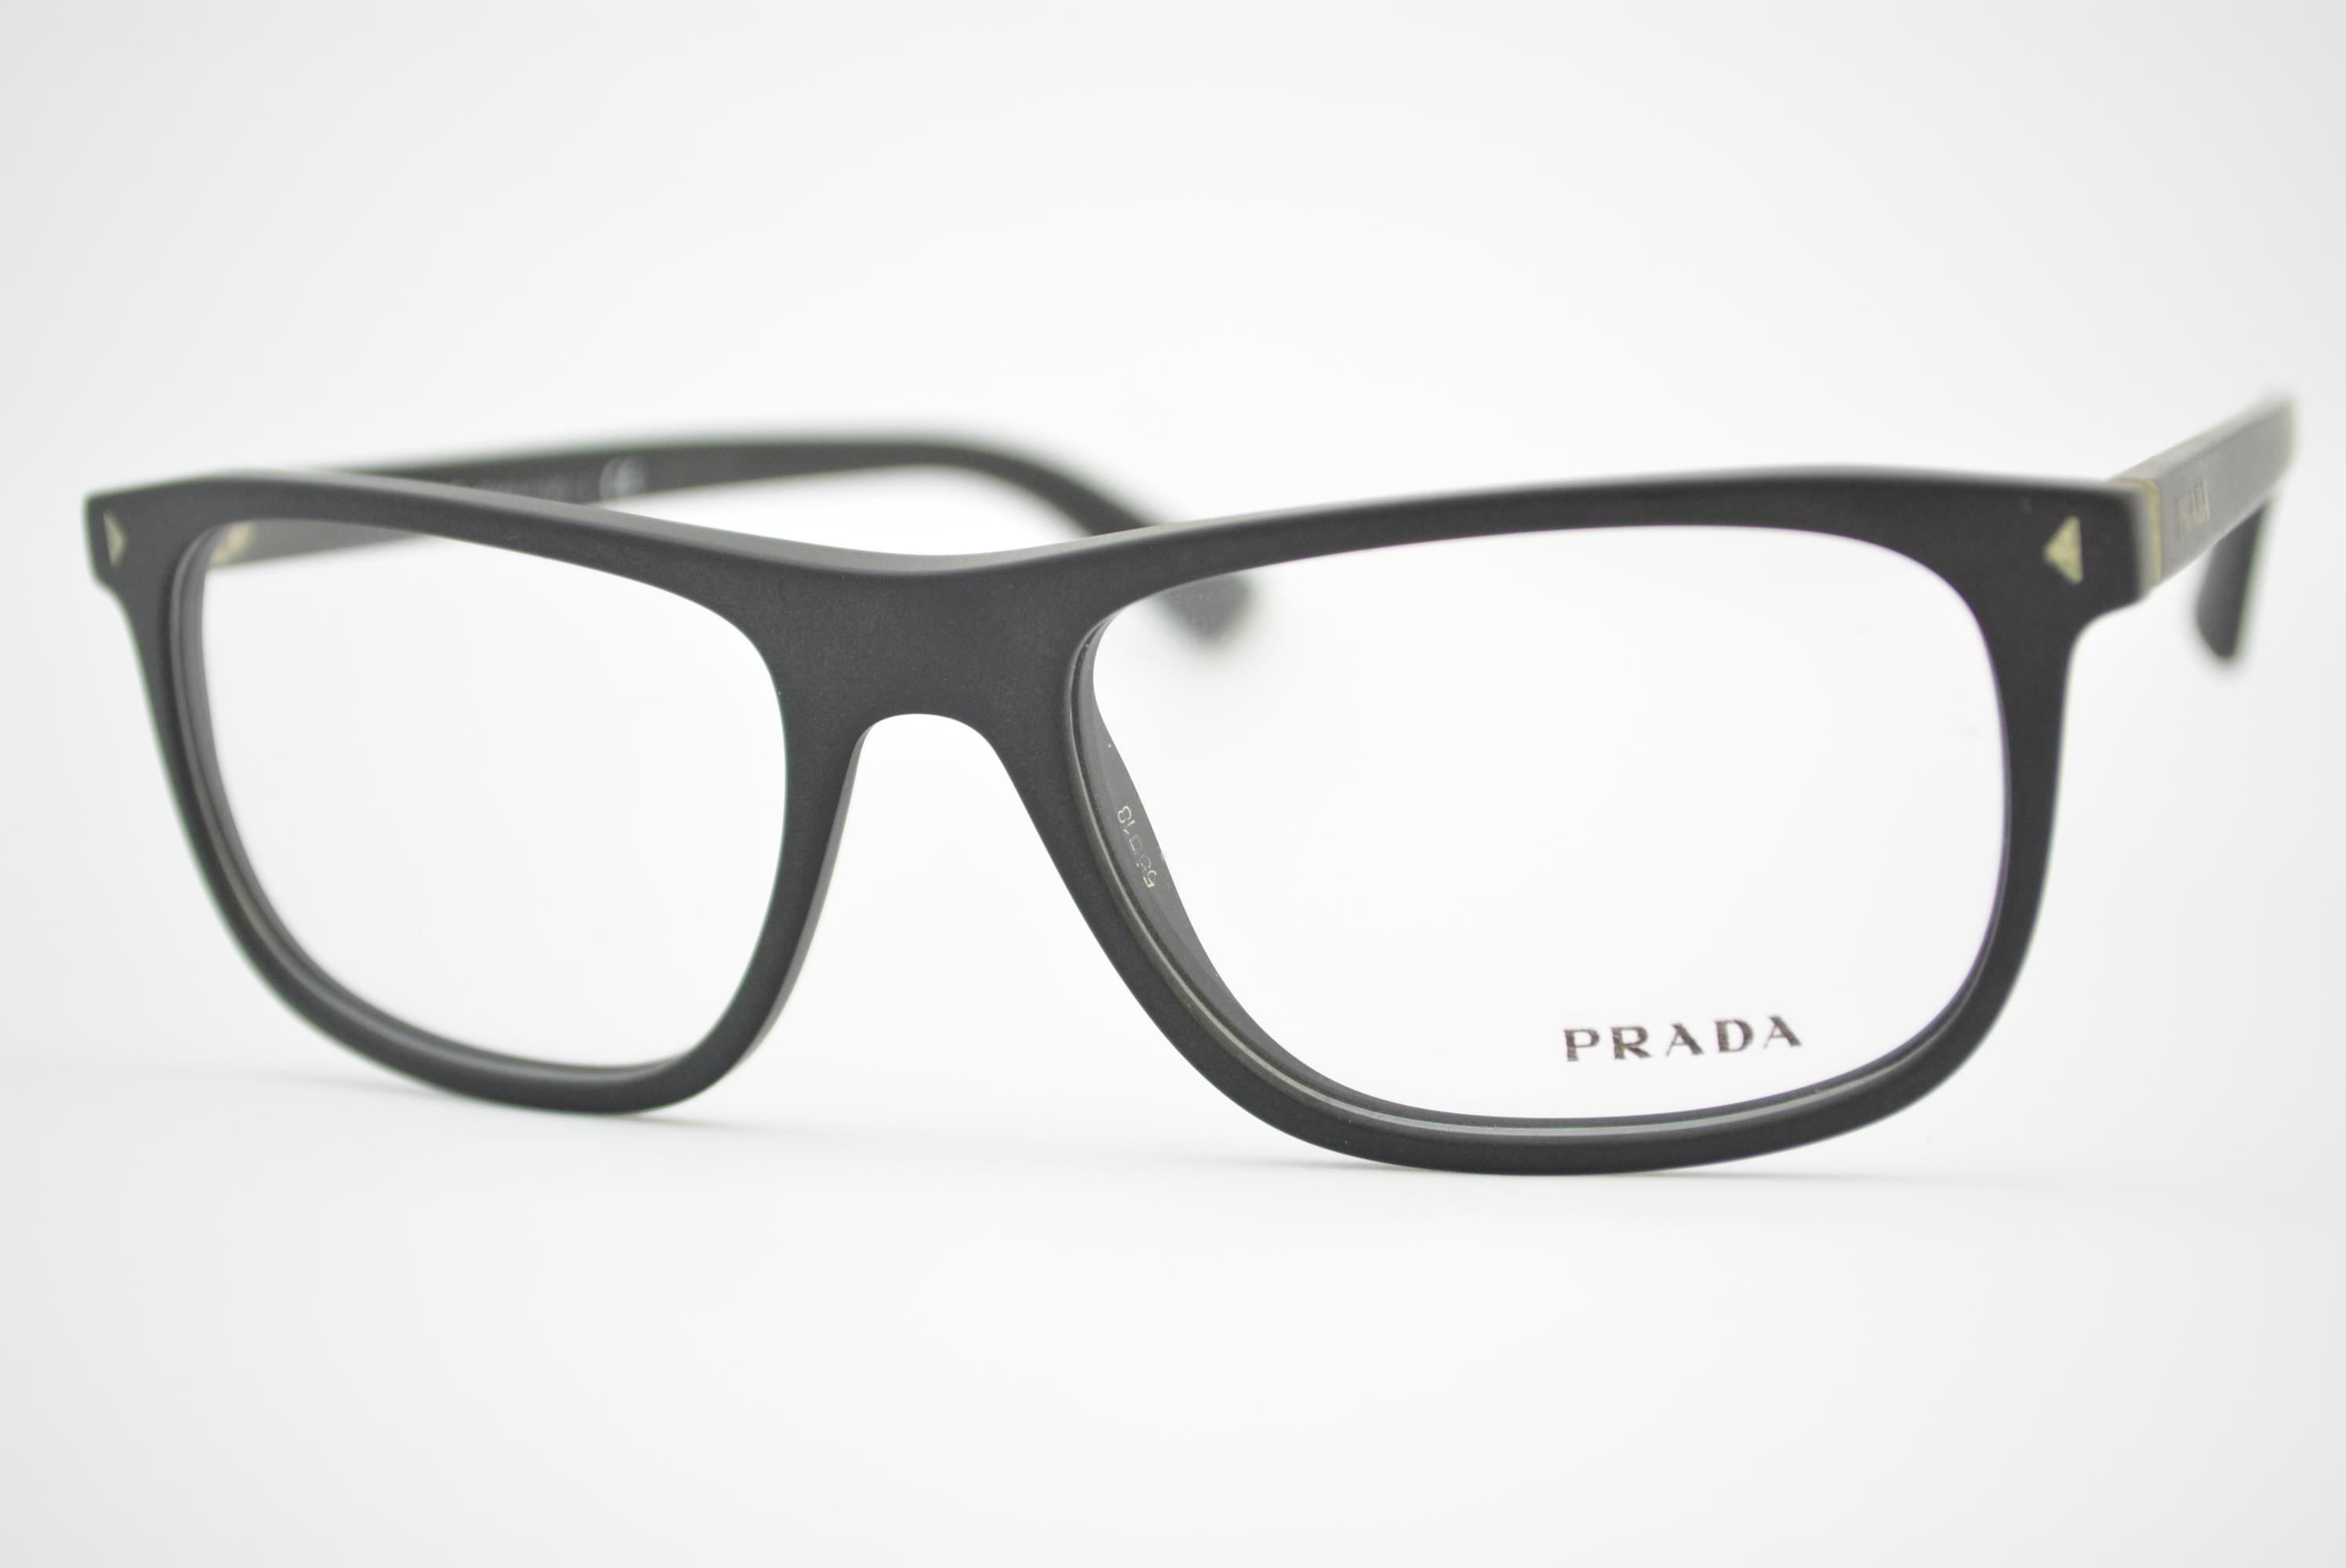 7f446a96c armação de óculos Prada Journal mod vpr03R 1BO-1O1 Ótica Cardoso